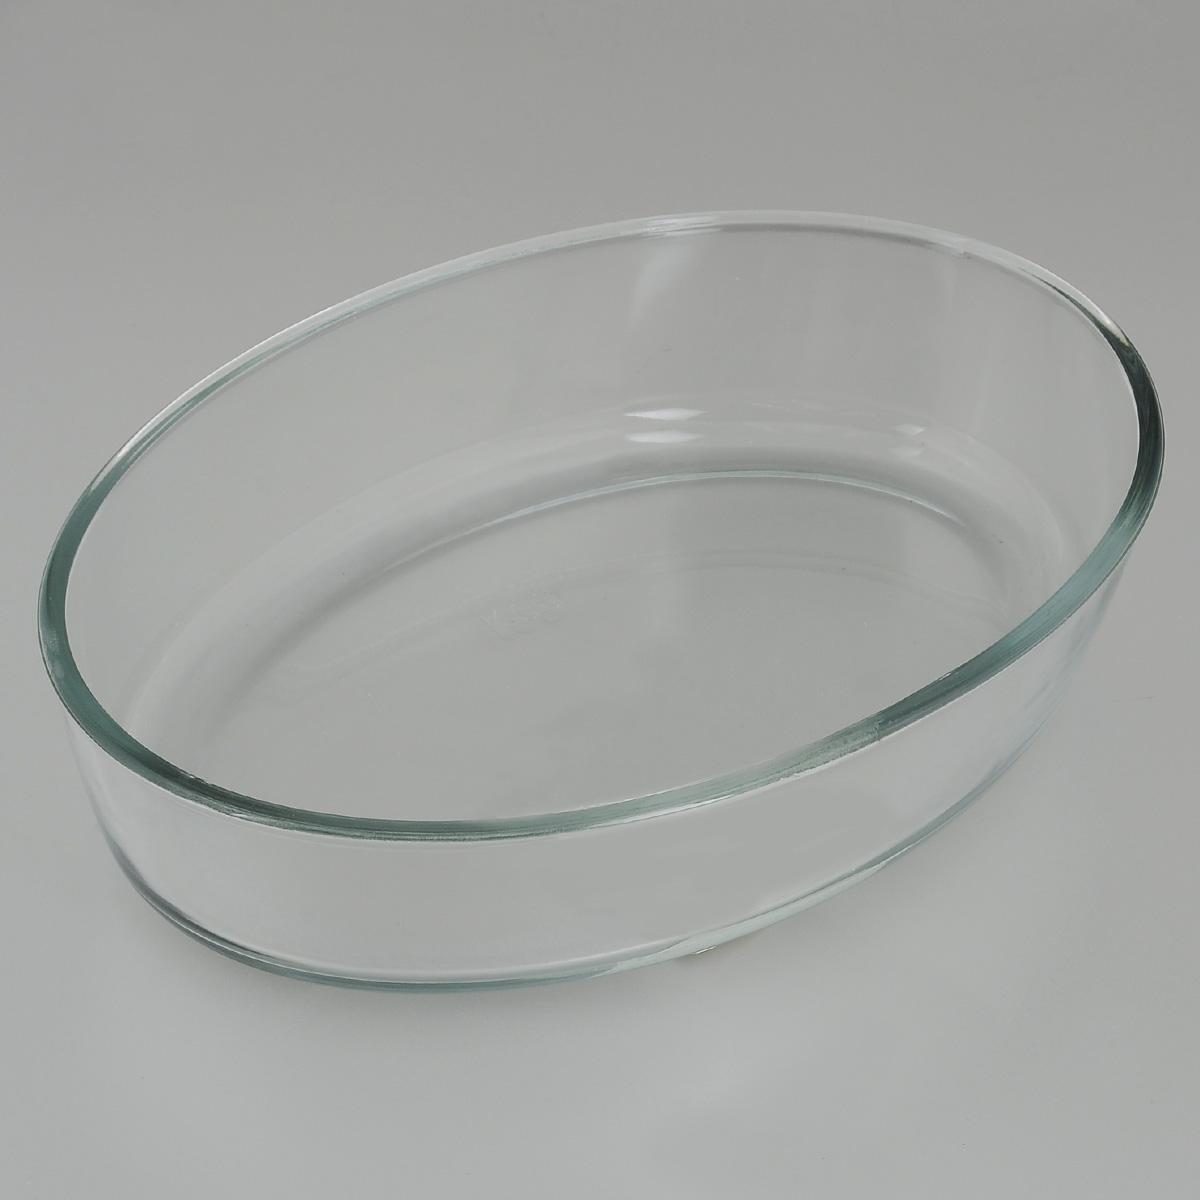 Форма для запекания Едим Дома, овальная, 30 х 21 смPV11Овальная форма для запекания Едим Дома изготовлена из жаропрочного стекла,которое выдерживает температуру до +450°С. Форма предназначена дляприготовления горячих блюд. Материал изделия гигиеничен, прост в уходе иобладает высокой степенью прочности.Форма идеально подходит для использования в духовках, микроволновых печах,холодильниках и морозильных камерах. Также ее можно использовать на газовыхплитах (на слабом огне) и на электроплитах. Можно мыть в посудомоечноймашине. Размер формы (по верхнему краю): 30 см х 21 см. Высота стенки формы: 6 см.